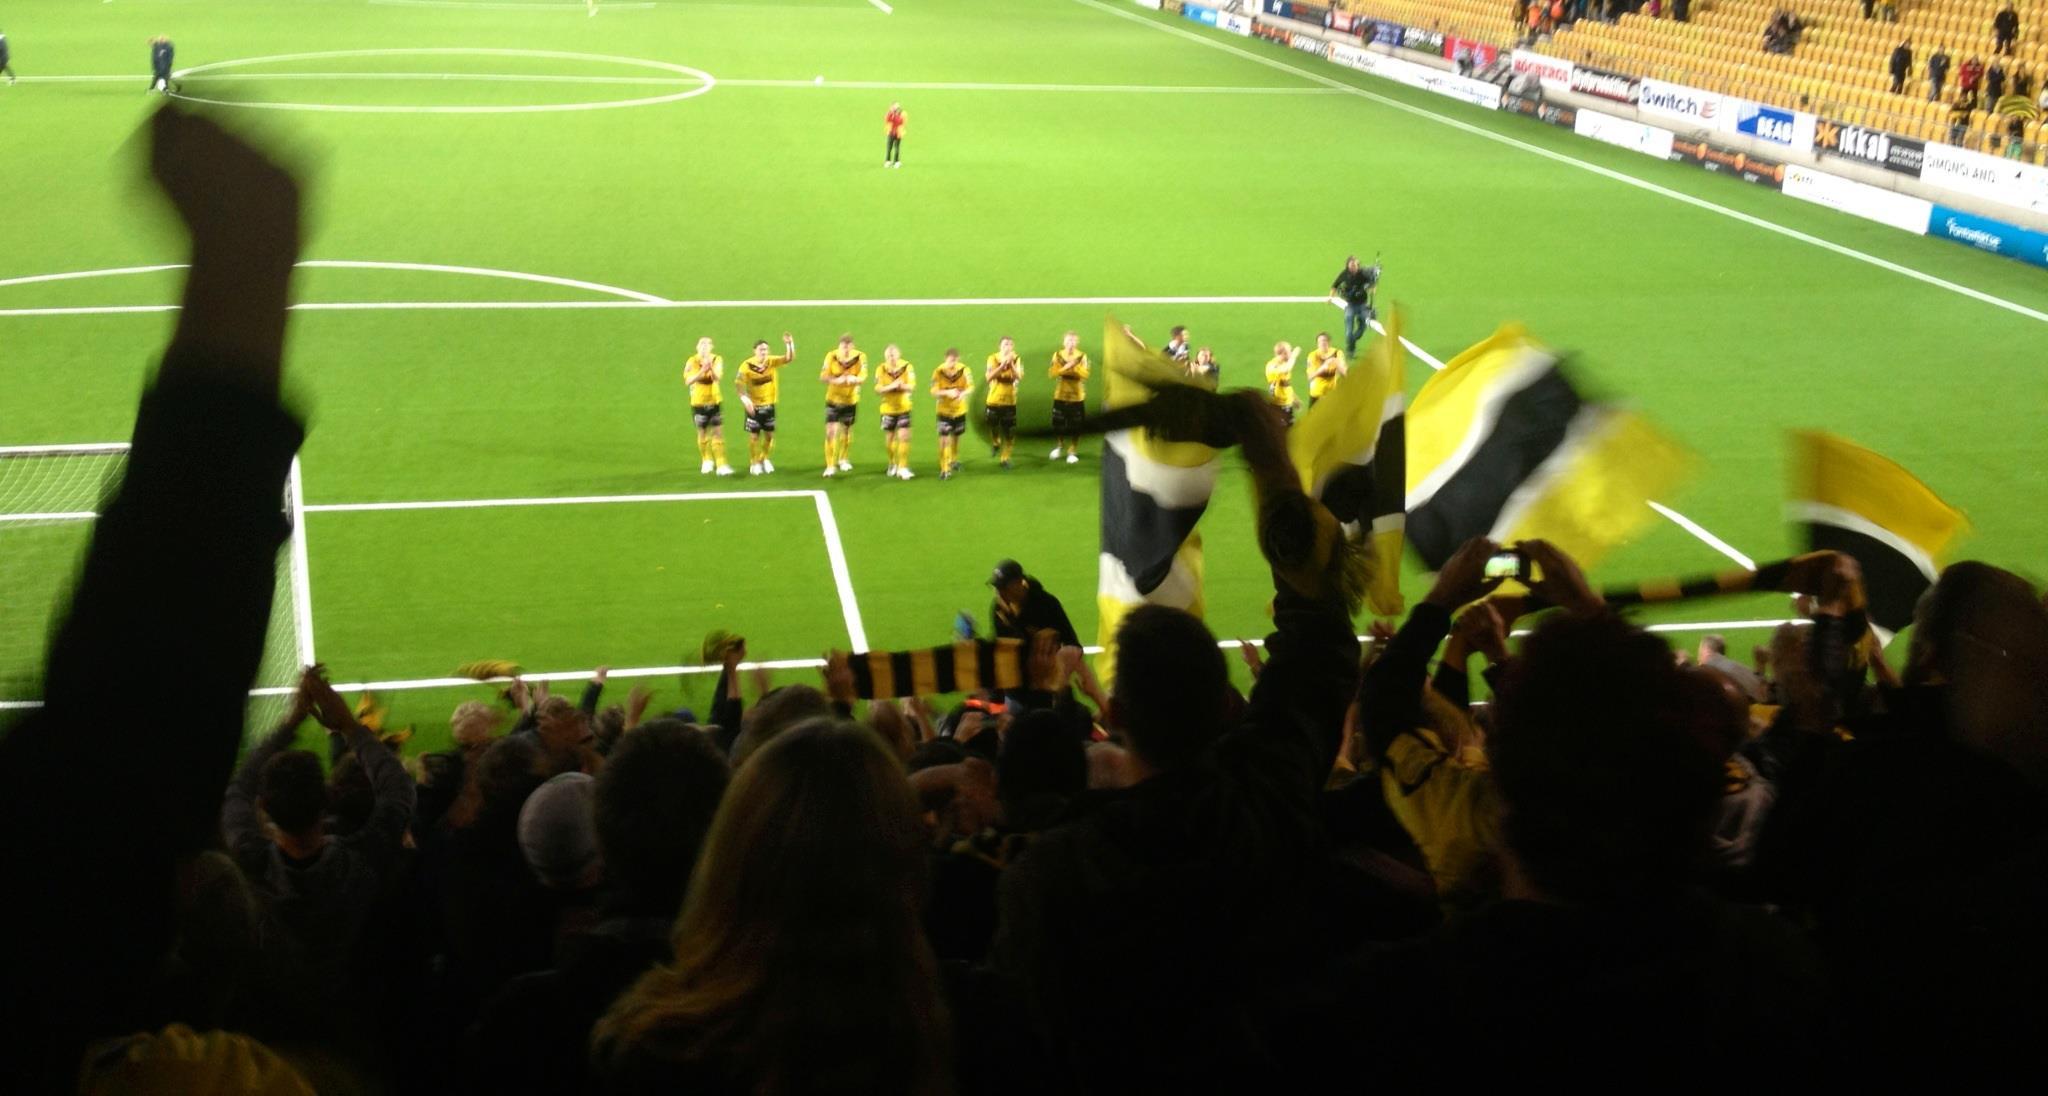 Igår firade vi segern mot ÖSK och att Guliganerna slog vårt medlemsrekord!